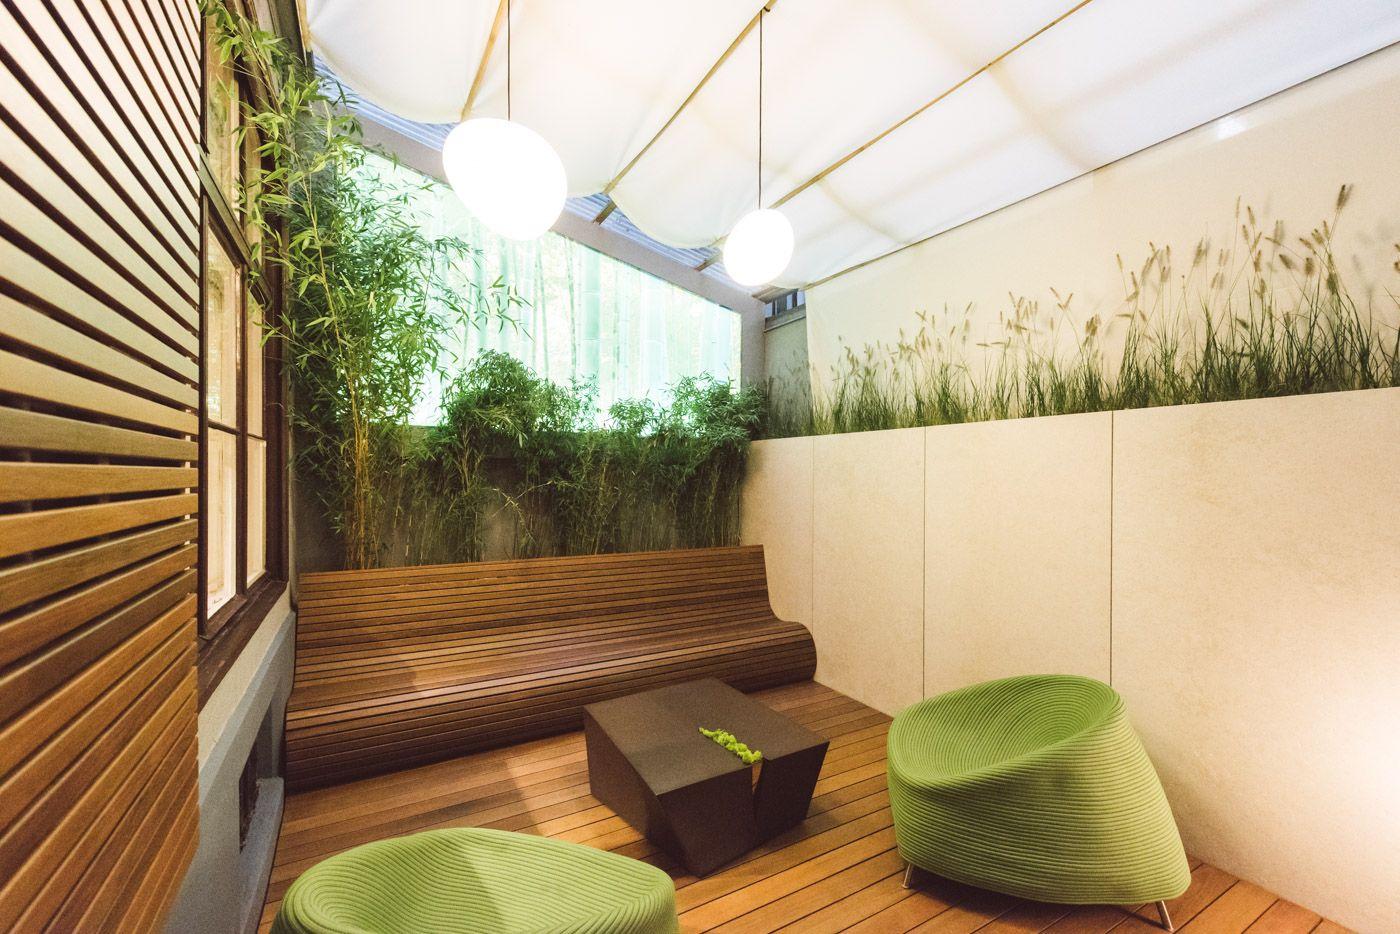 Veranstaltungsort, Showroom und Innenhofidylle beim Gartengestalter Begründer Argegarten.